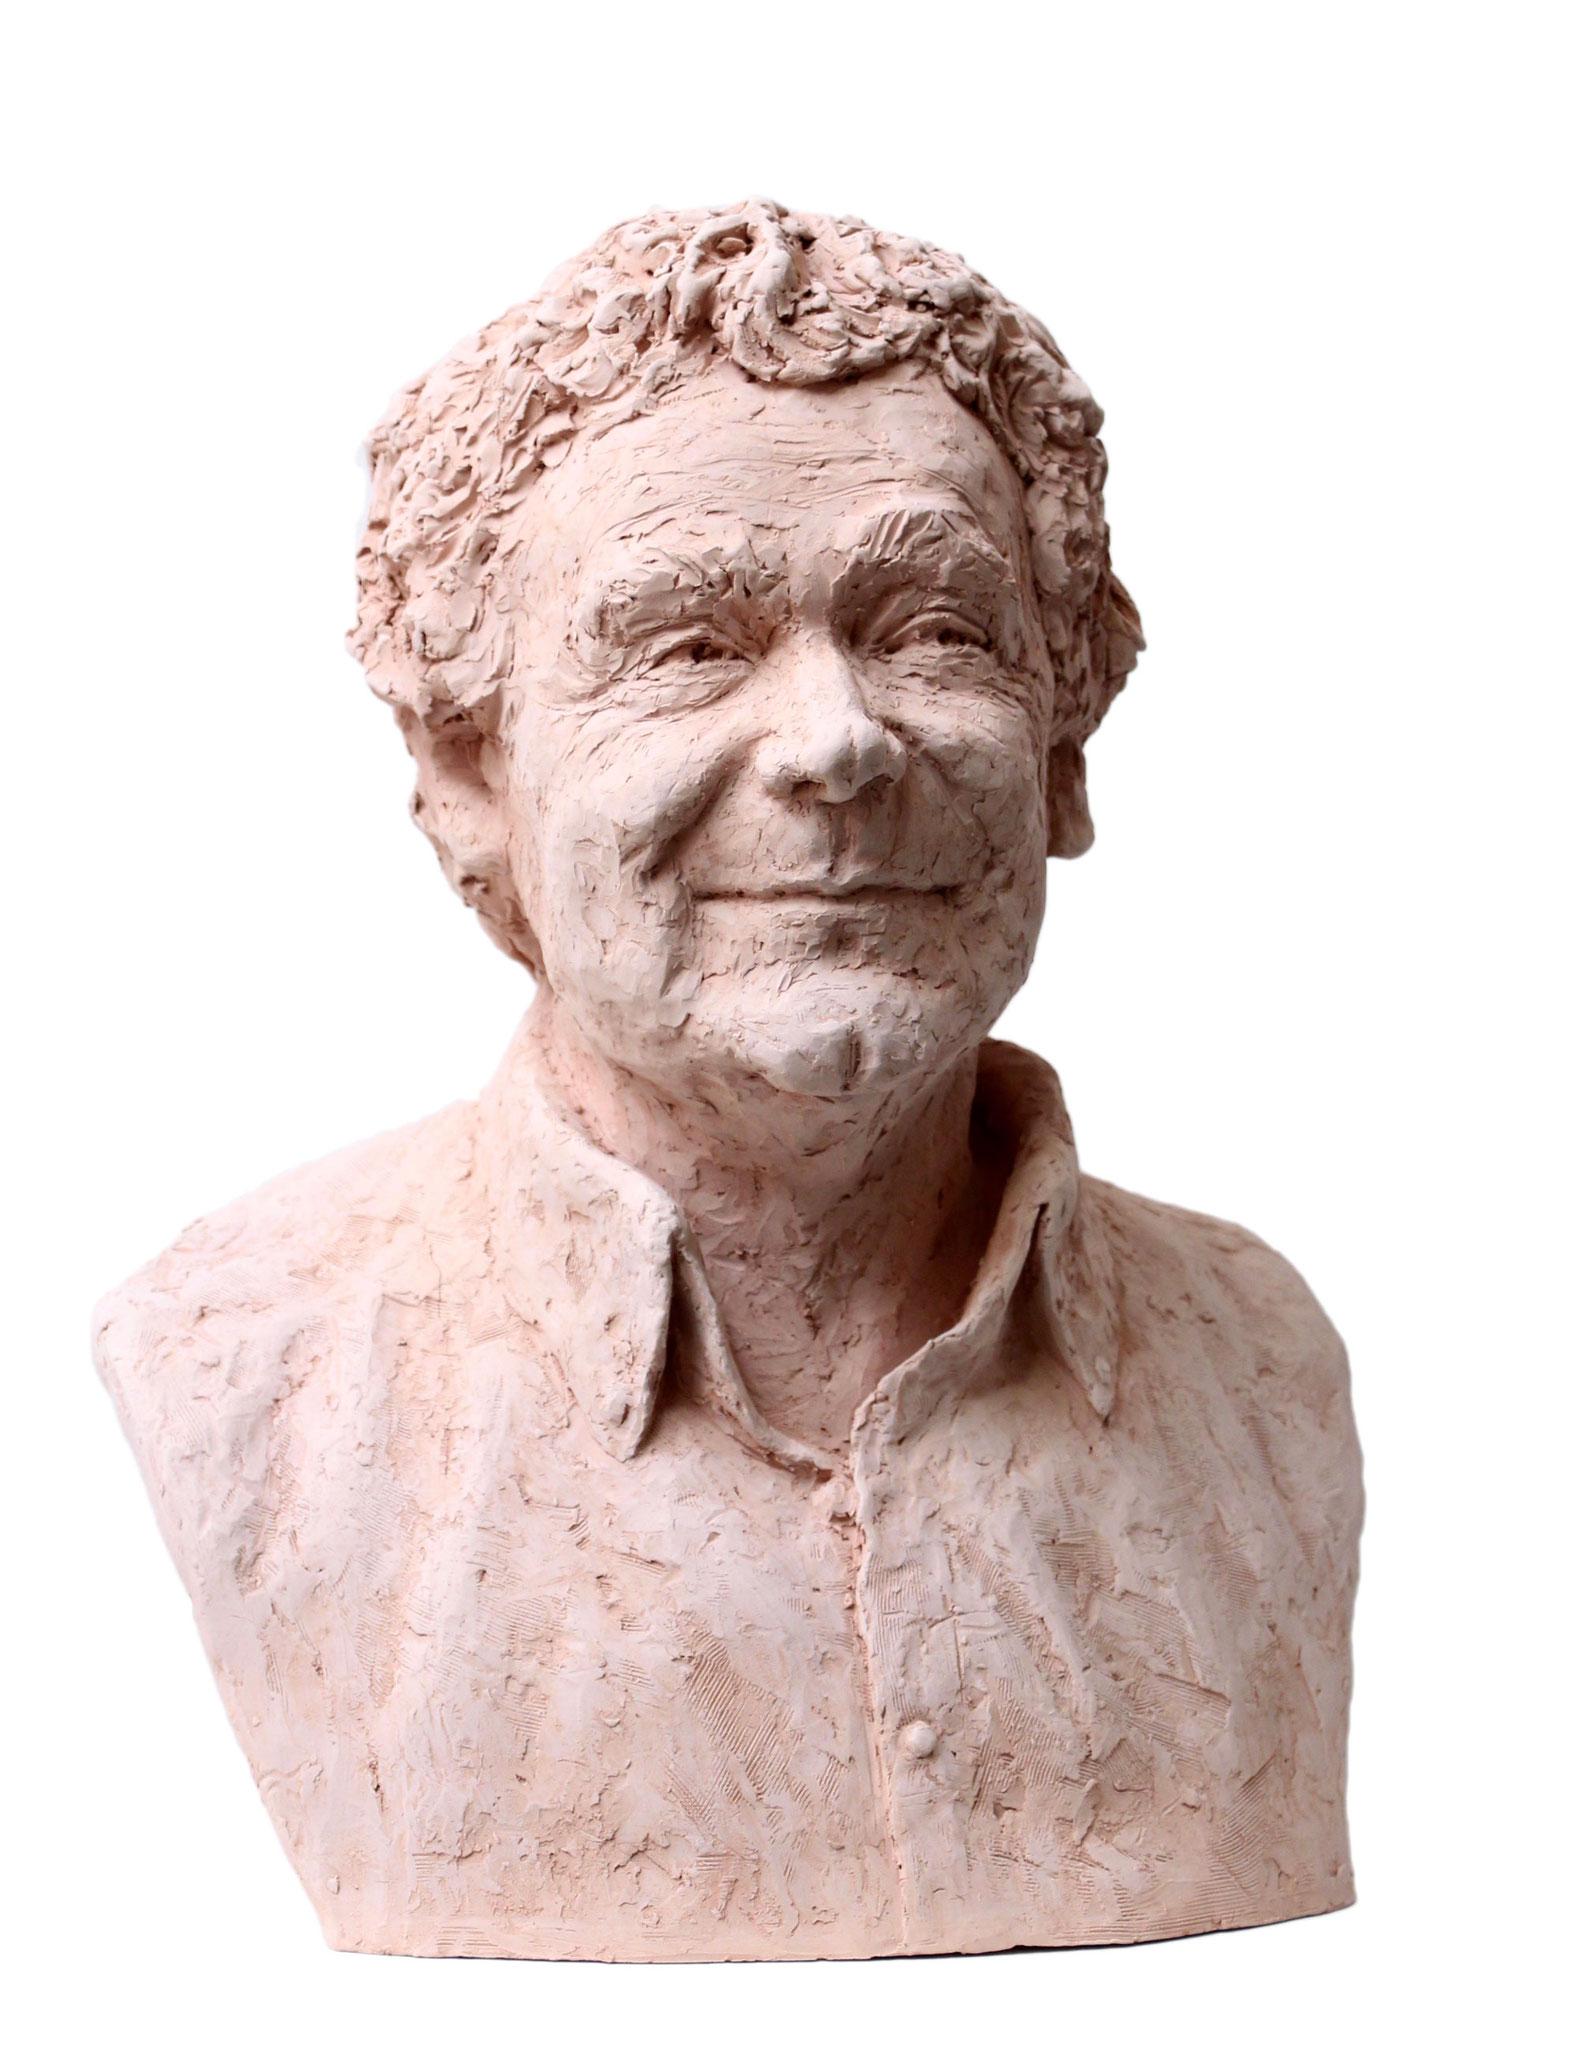 Buste, Sculpteur, Langloys, Perret